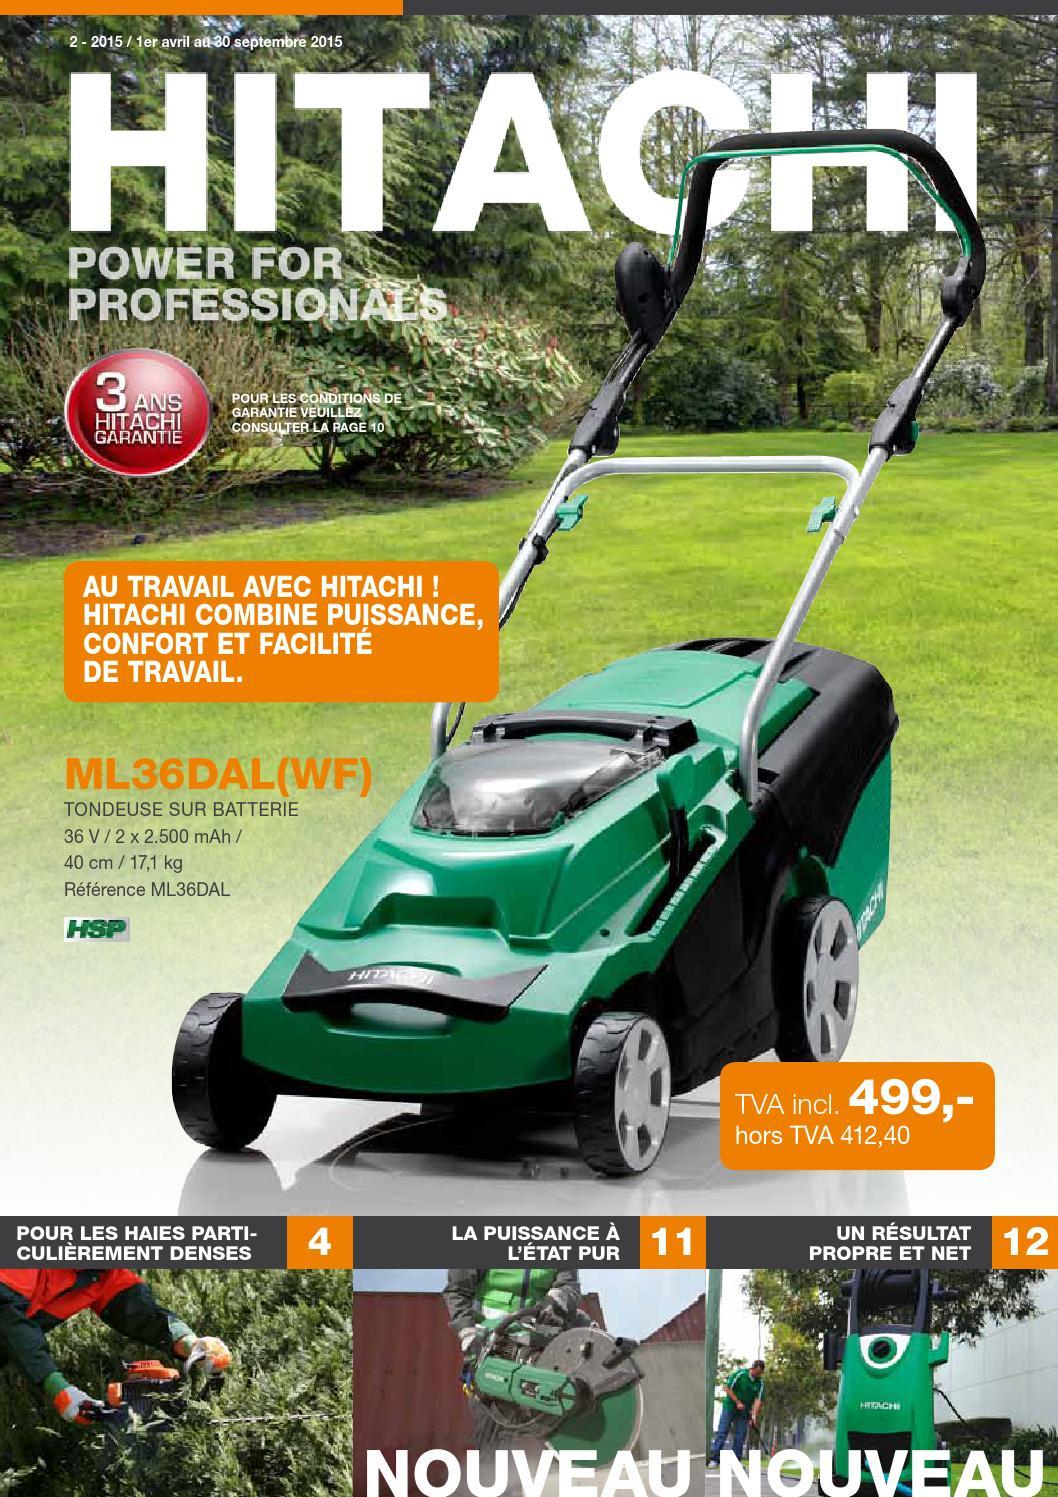 Hitachi Power For Professionals: Actions Outils De Jardin By ... pour Faucheuse Jardin